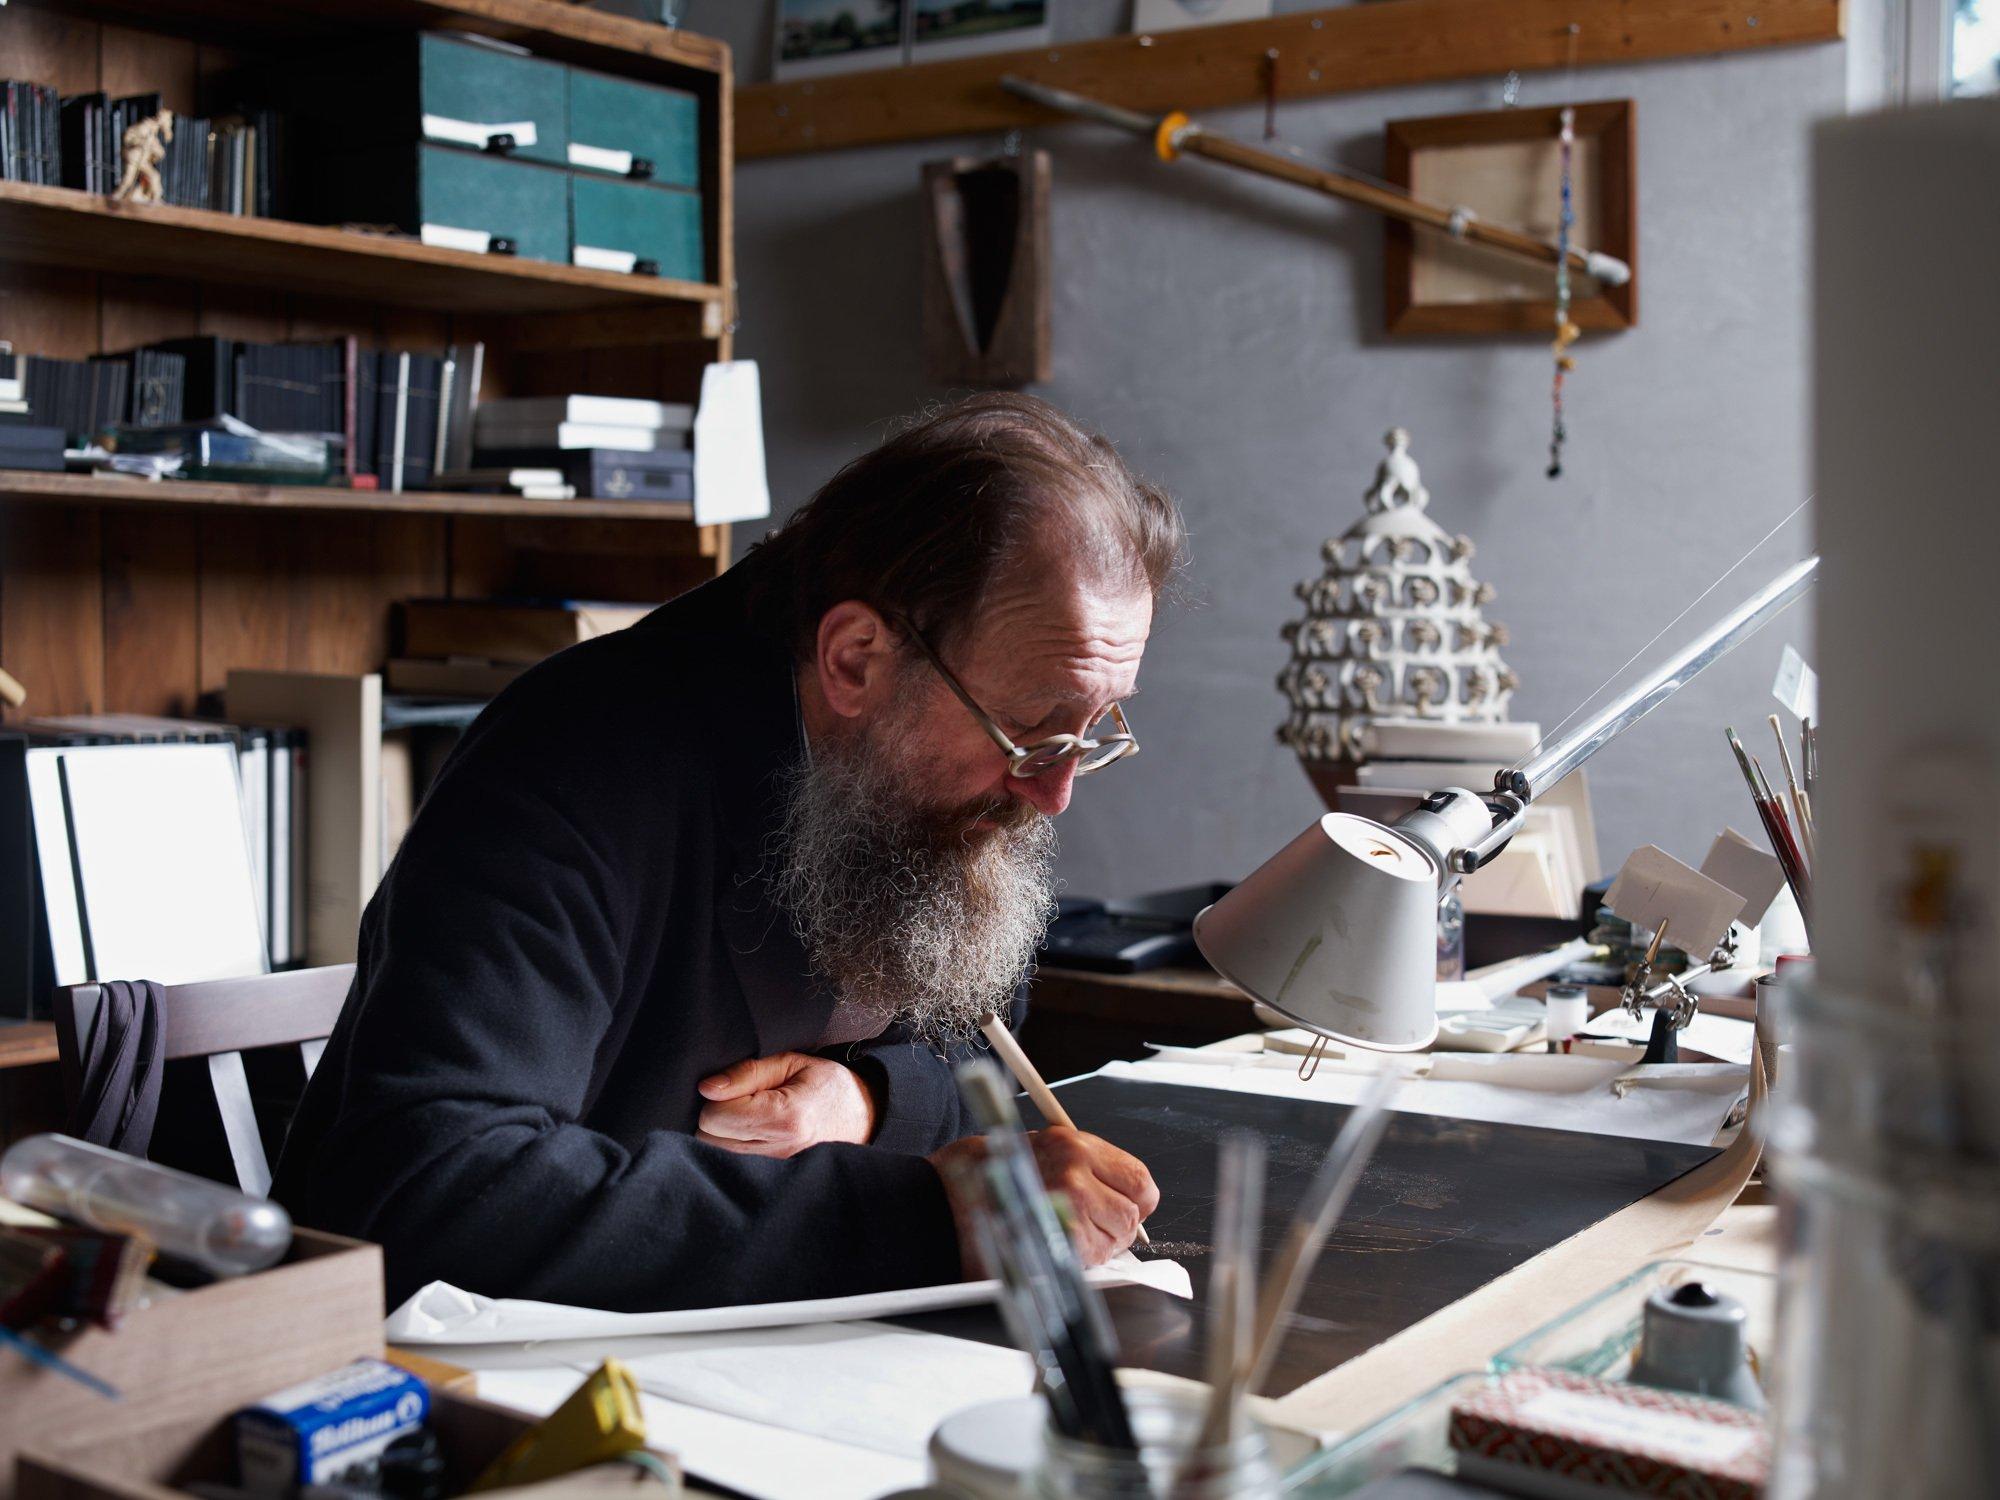 Michele De Lucchi liebt es, mit der Hand zu zeichnen. In seinem Studio am Lagio Maggiore arbeitet er gern auch handwerklich, wobei manchmal sogar eine Kettensäge zum Einsatz kommt. Foto/ Copyright: Max Rommel